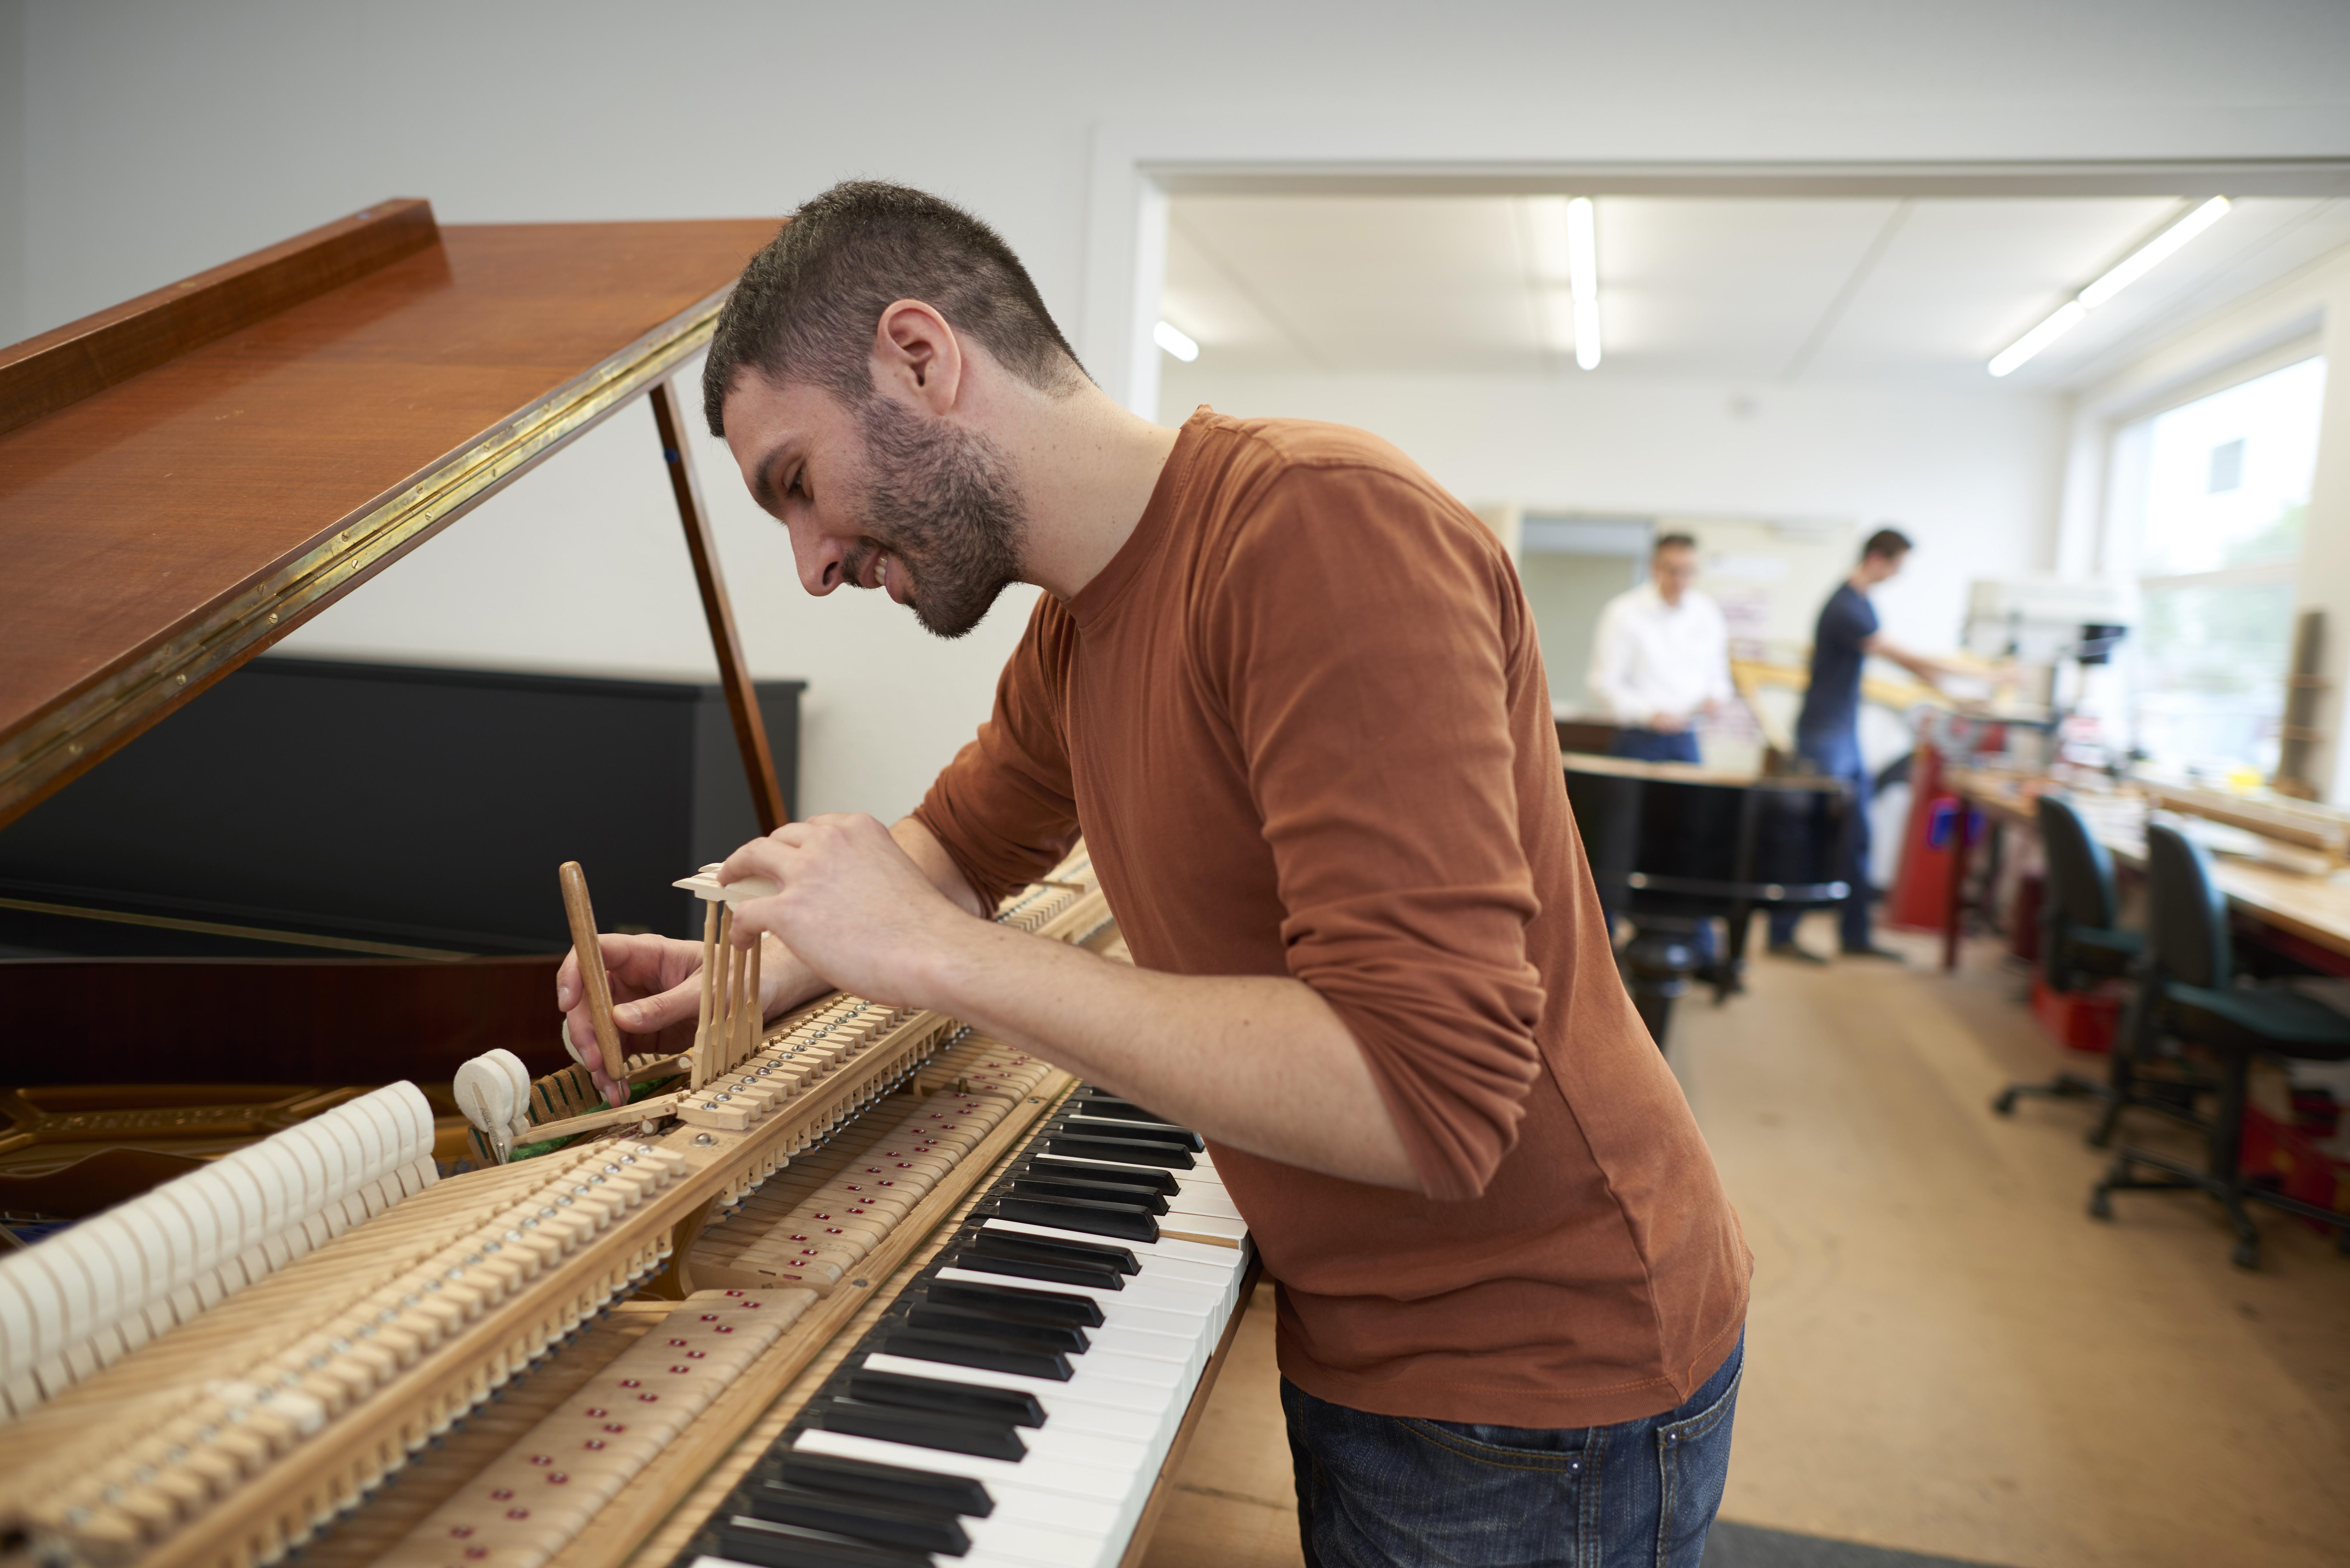 Schlecker Klavierb 5 17 15266 - Schlecker Klavierbau: Handwerkskunst